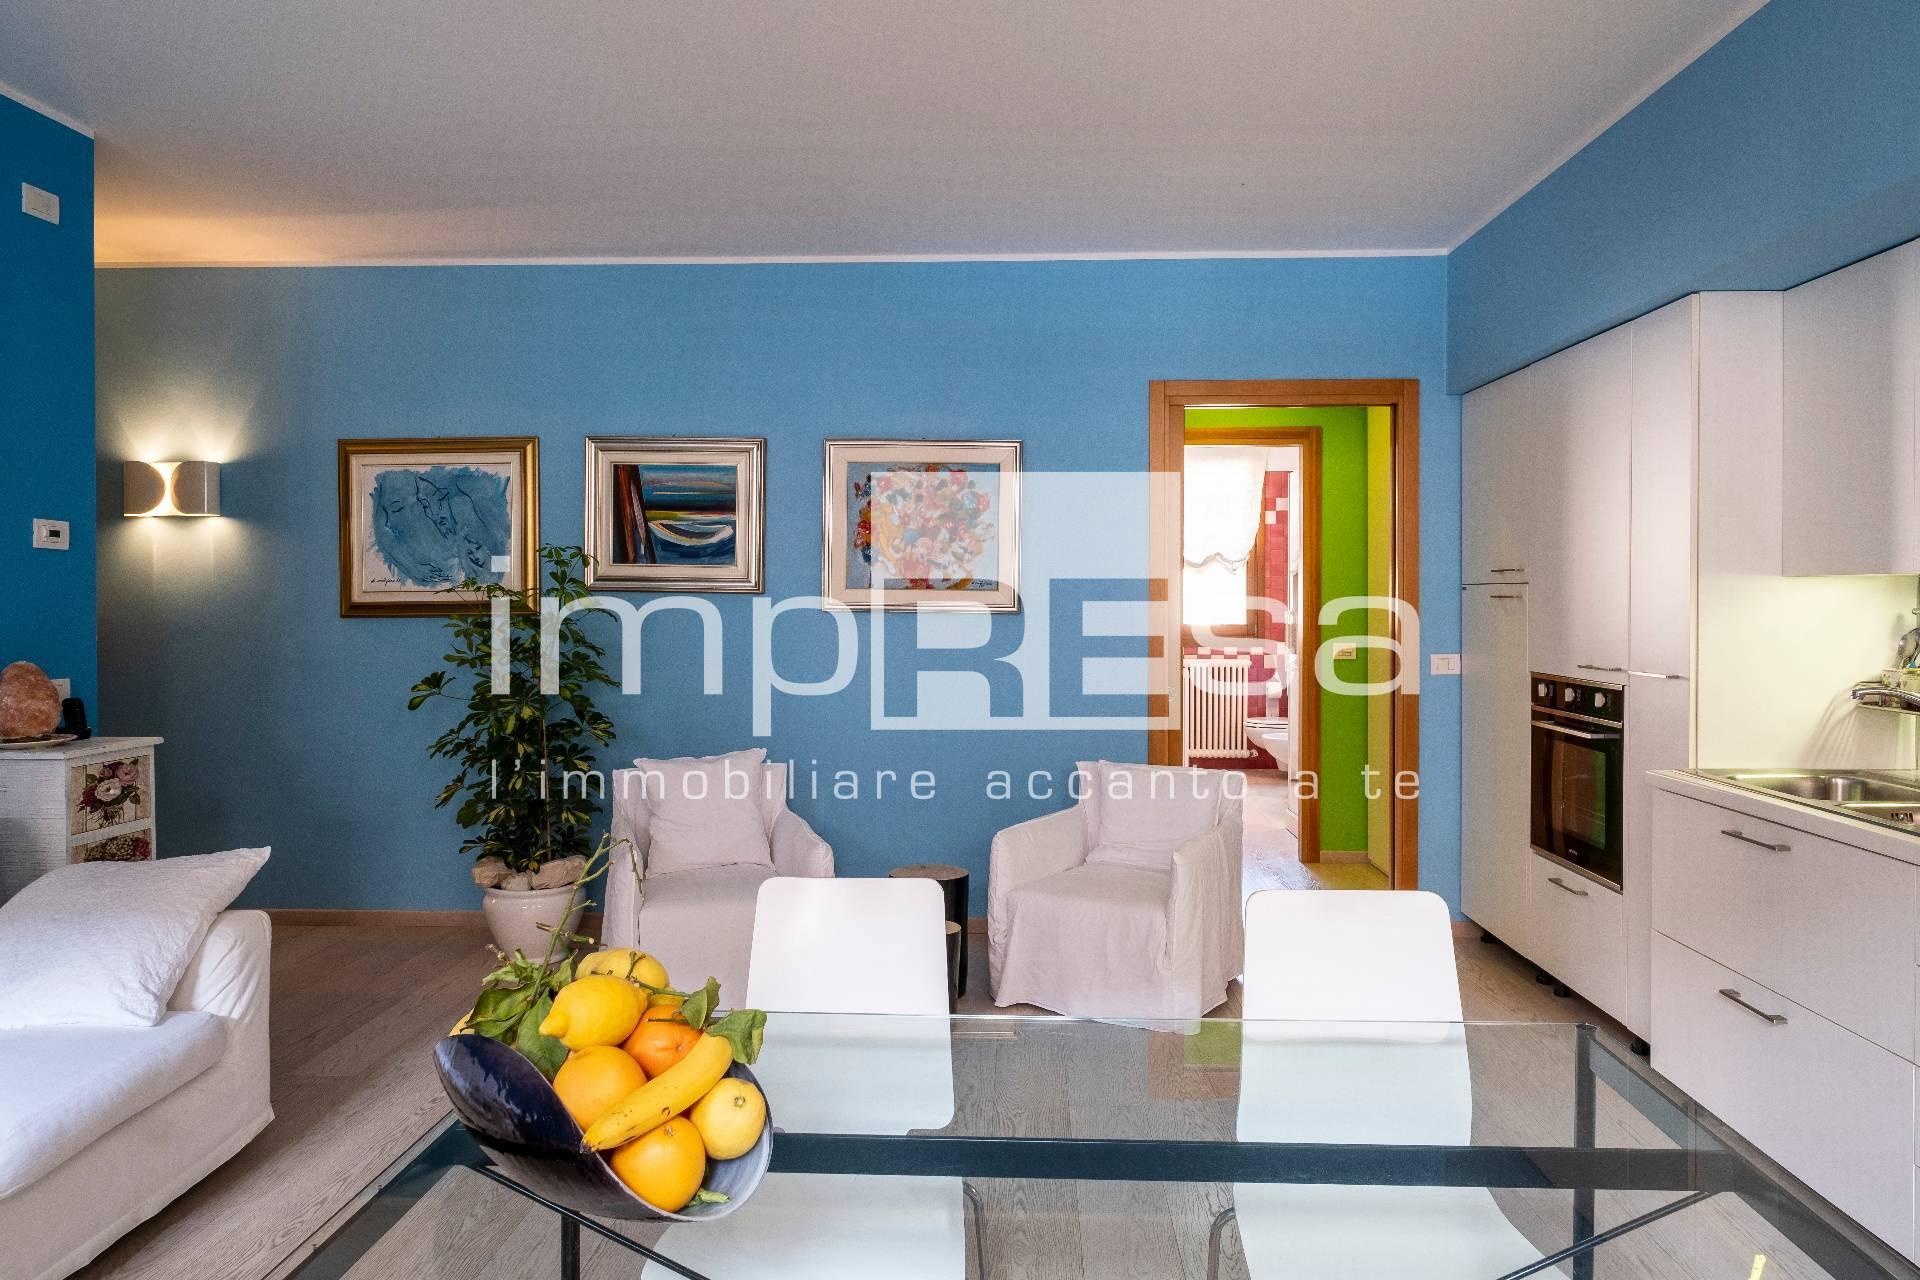 Appartamento in vendita a Caorle, 4 locali, prezzo € 670.000 | PortaleAgenzieImmobiliari.it